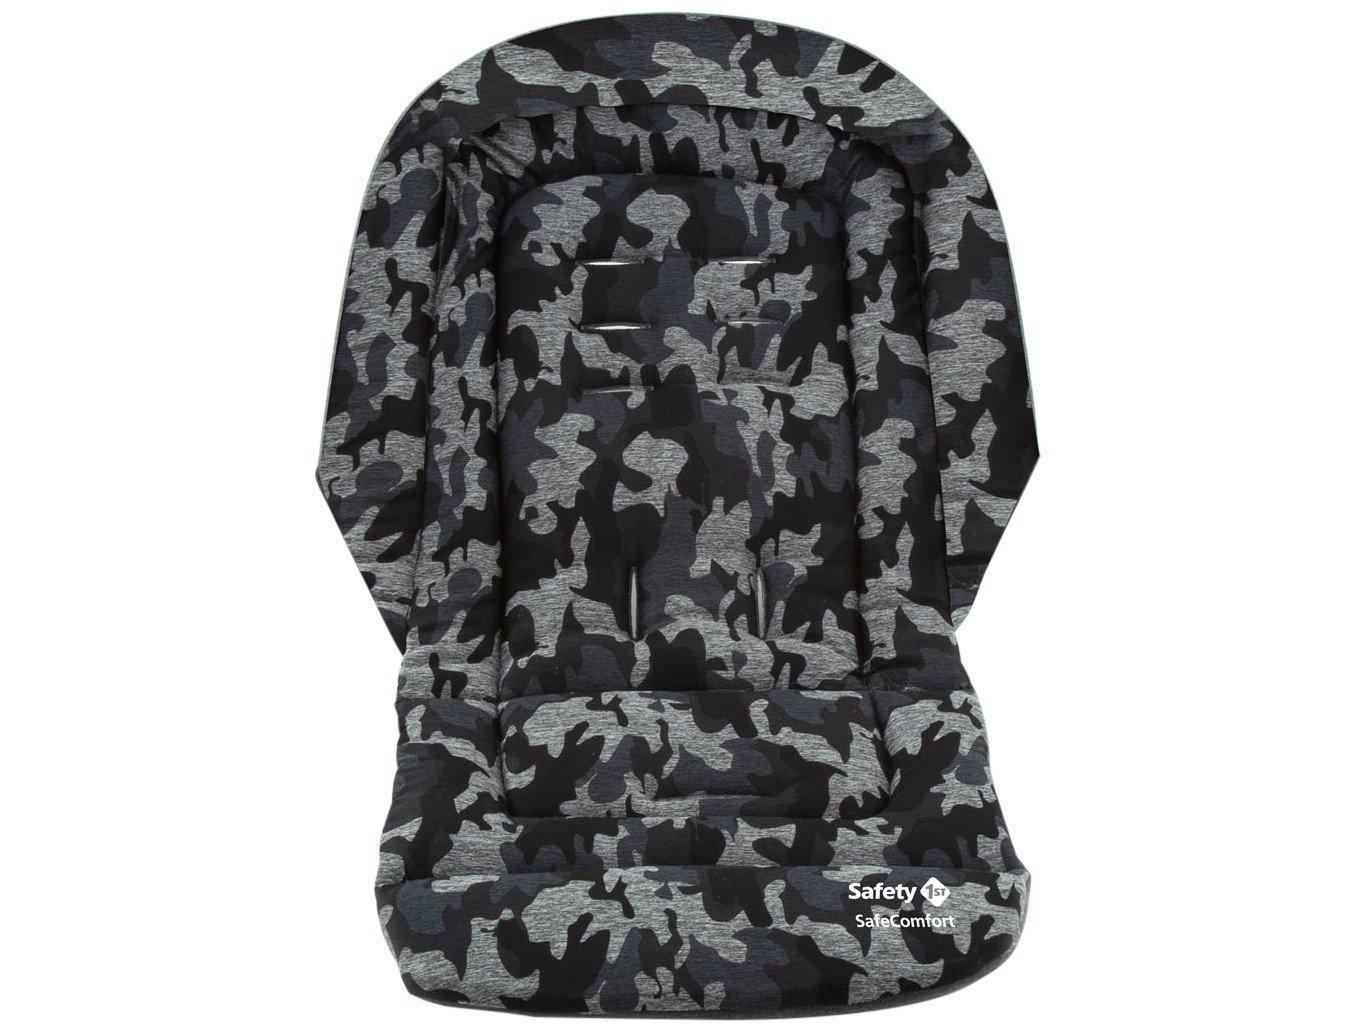 Colchonete para Carrinho de Bebê SafeComfort - Safety 1st Grey Army - 8